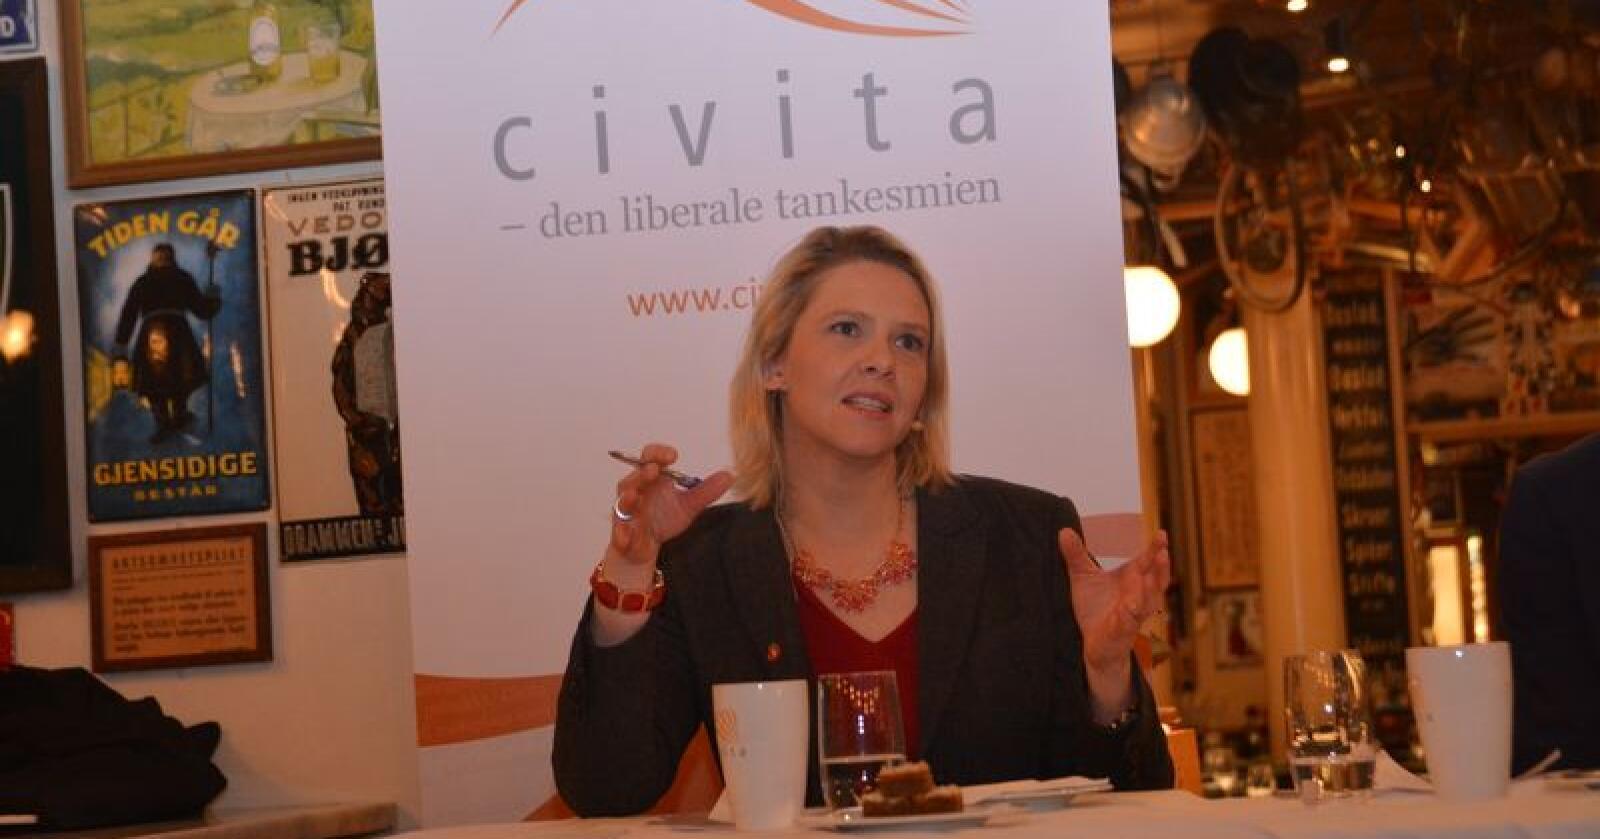 Sylvi Listhaug mener en pris på mellom 300 og 500 kroner i måneden kan være aktuelt. Hun tror mange foreldre vil sette pris på å betale for å slippe å lage matpakke. (Arkivfoto: Anders Sandbu)